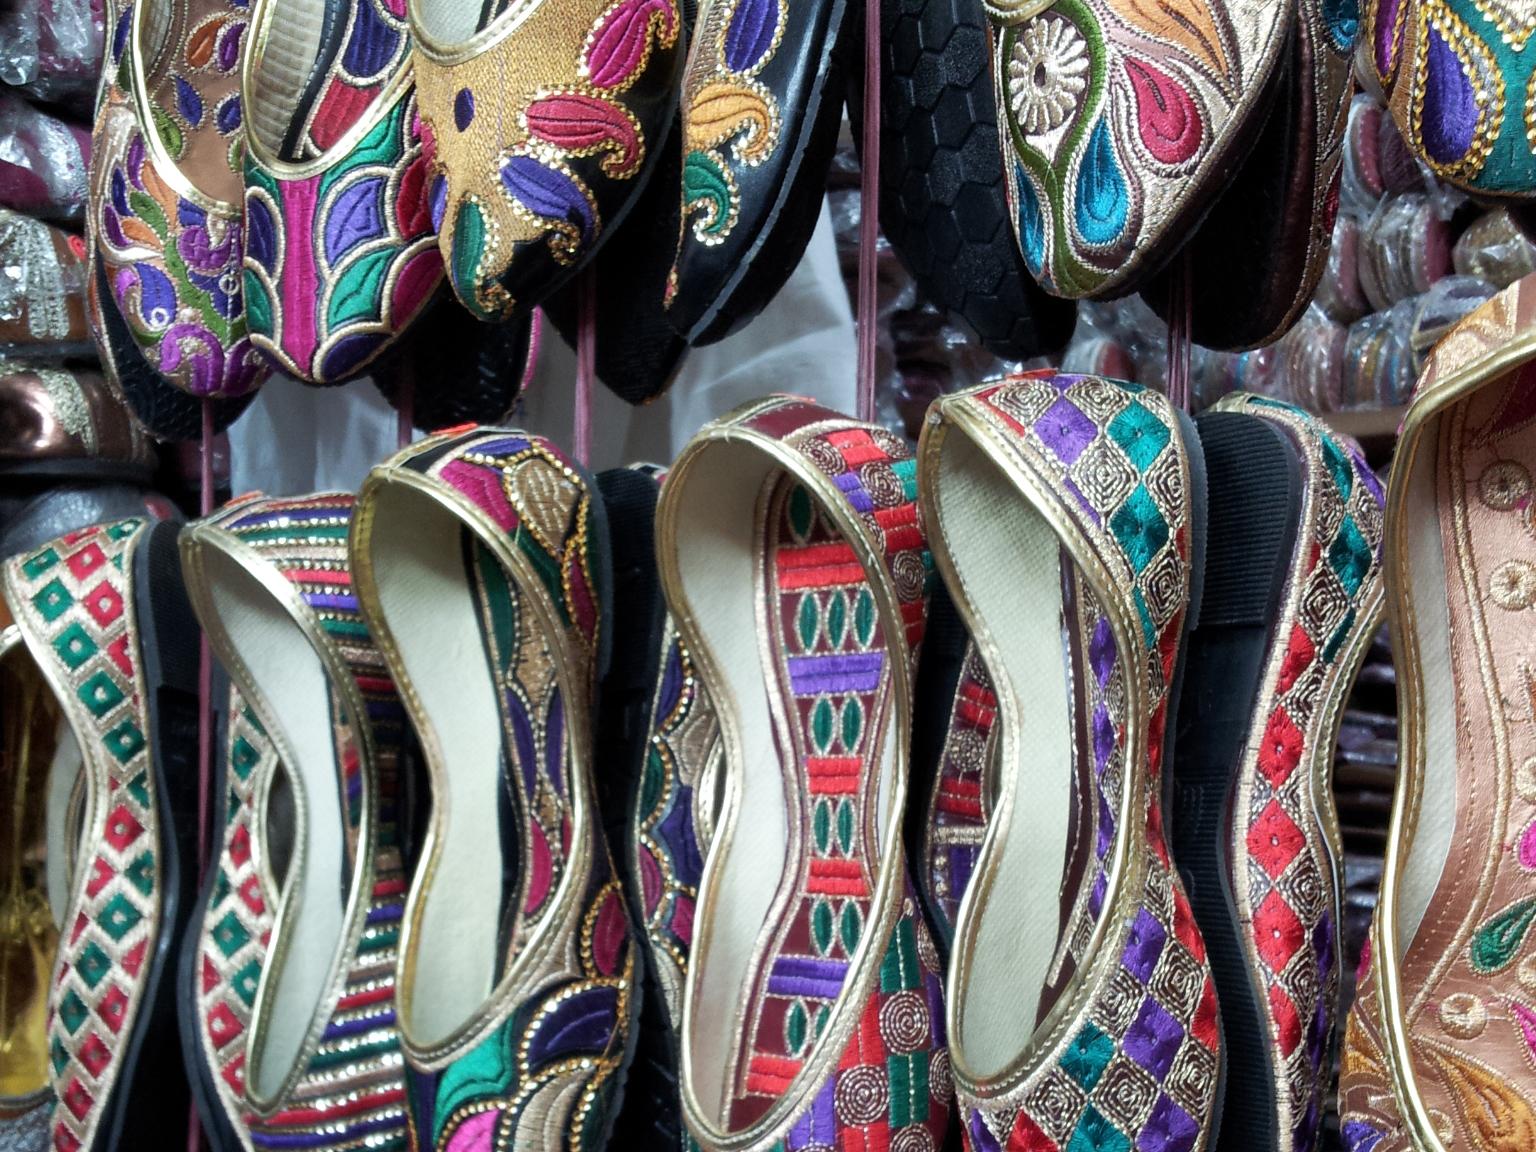 comprar en India. compras in india, compras en nueva delhi